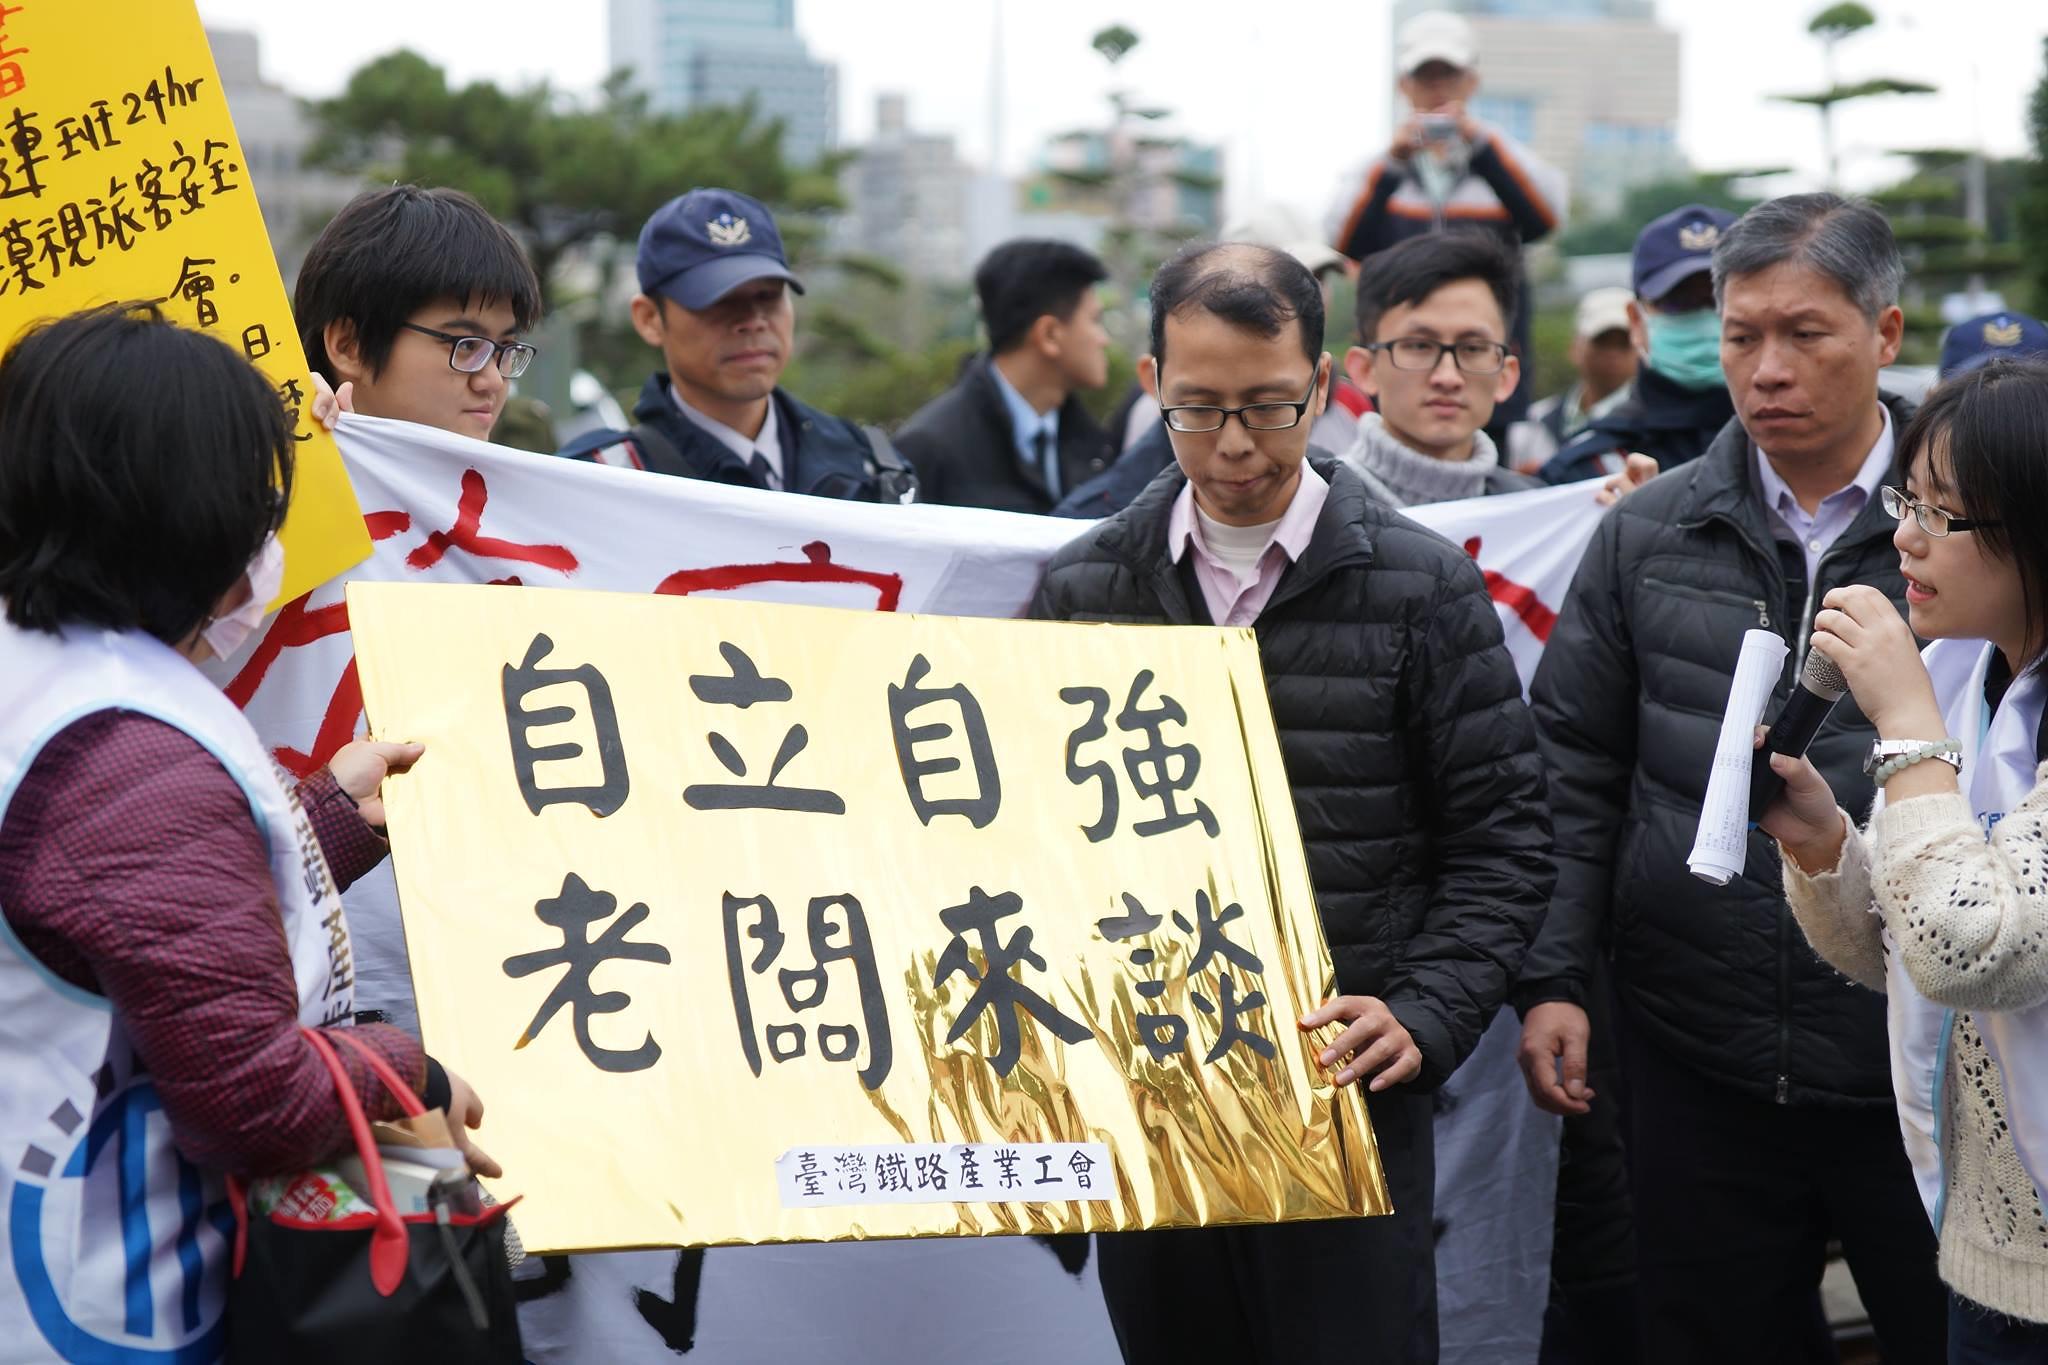 工會製作「自立自強,老闆來談」匾額,送給總統府。(攝影:王顥中)